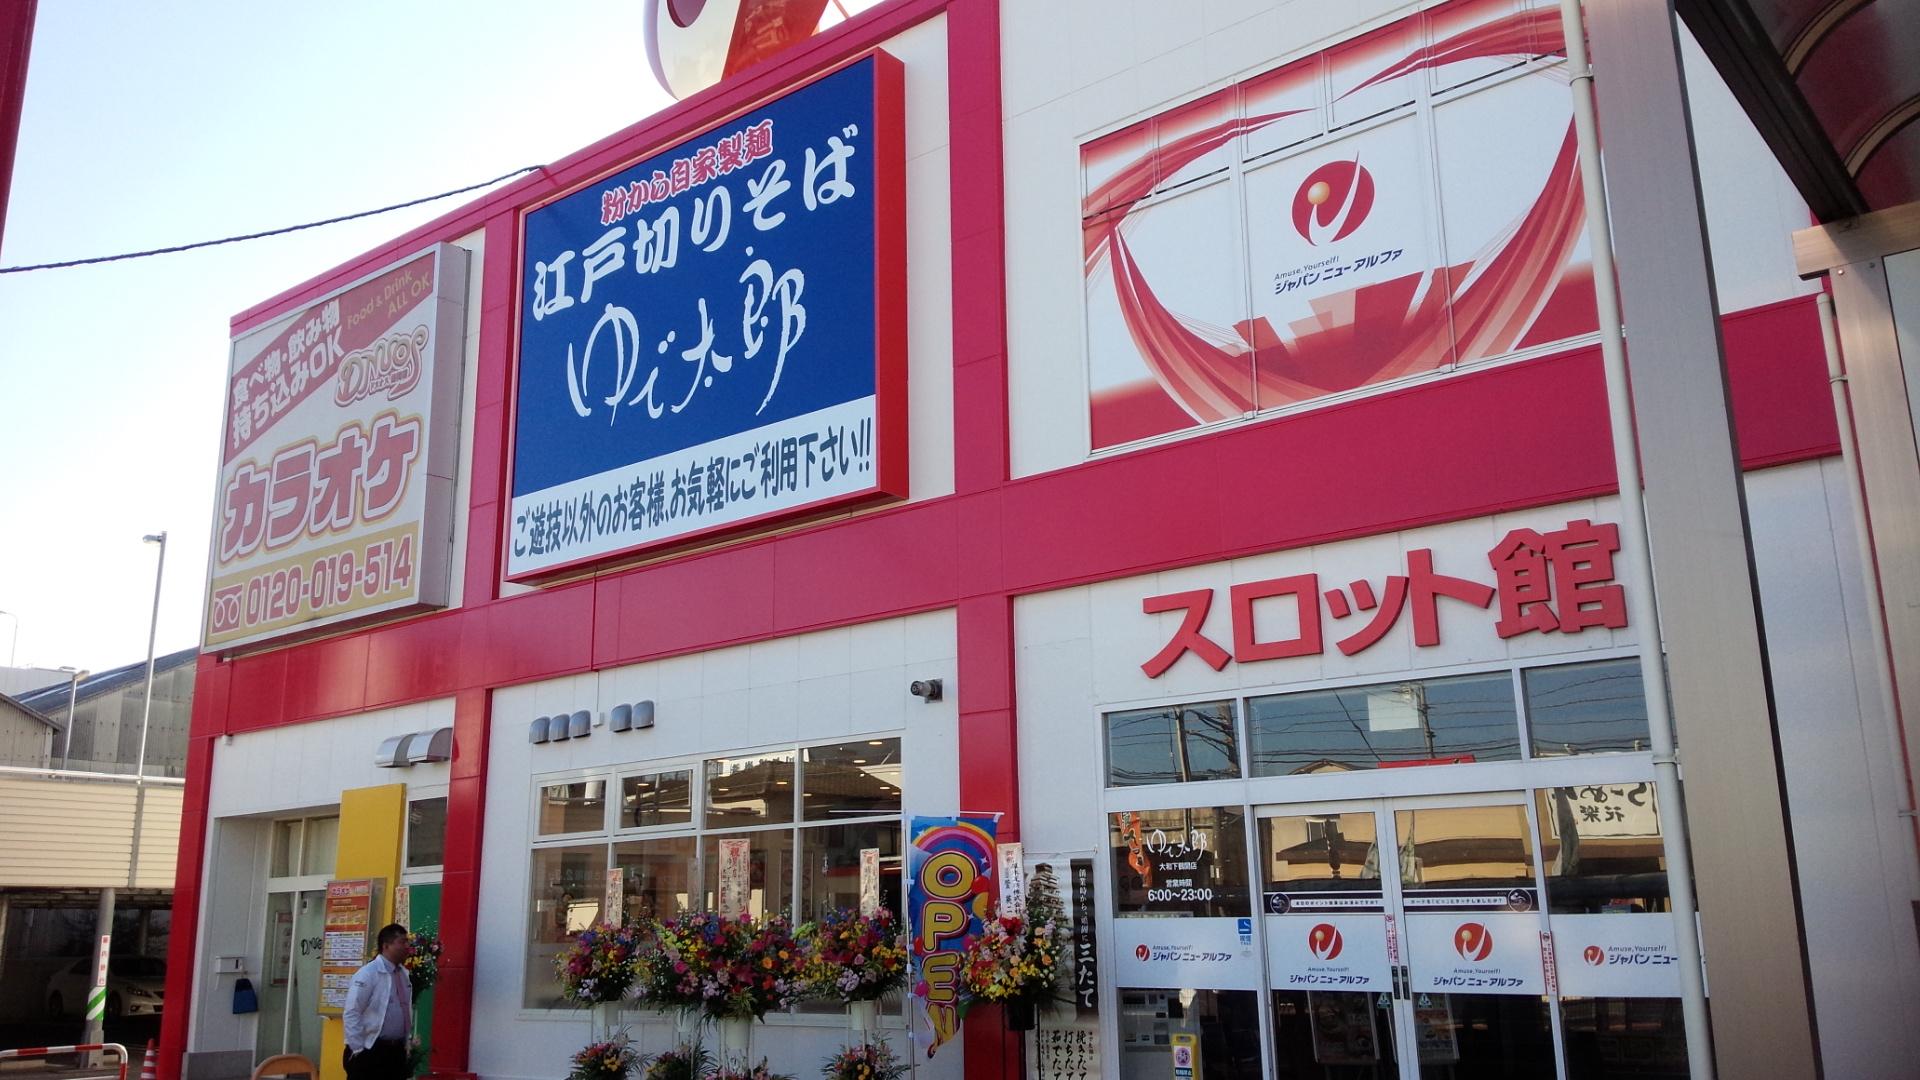 太郎 店舗 ゆで